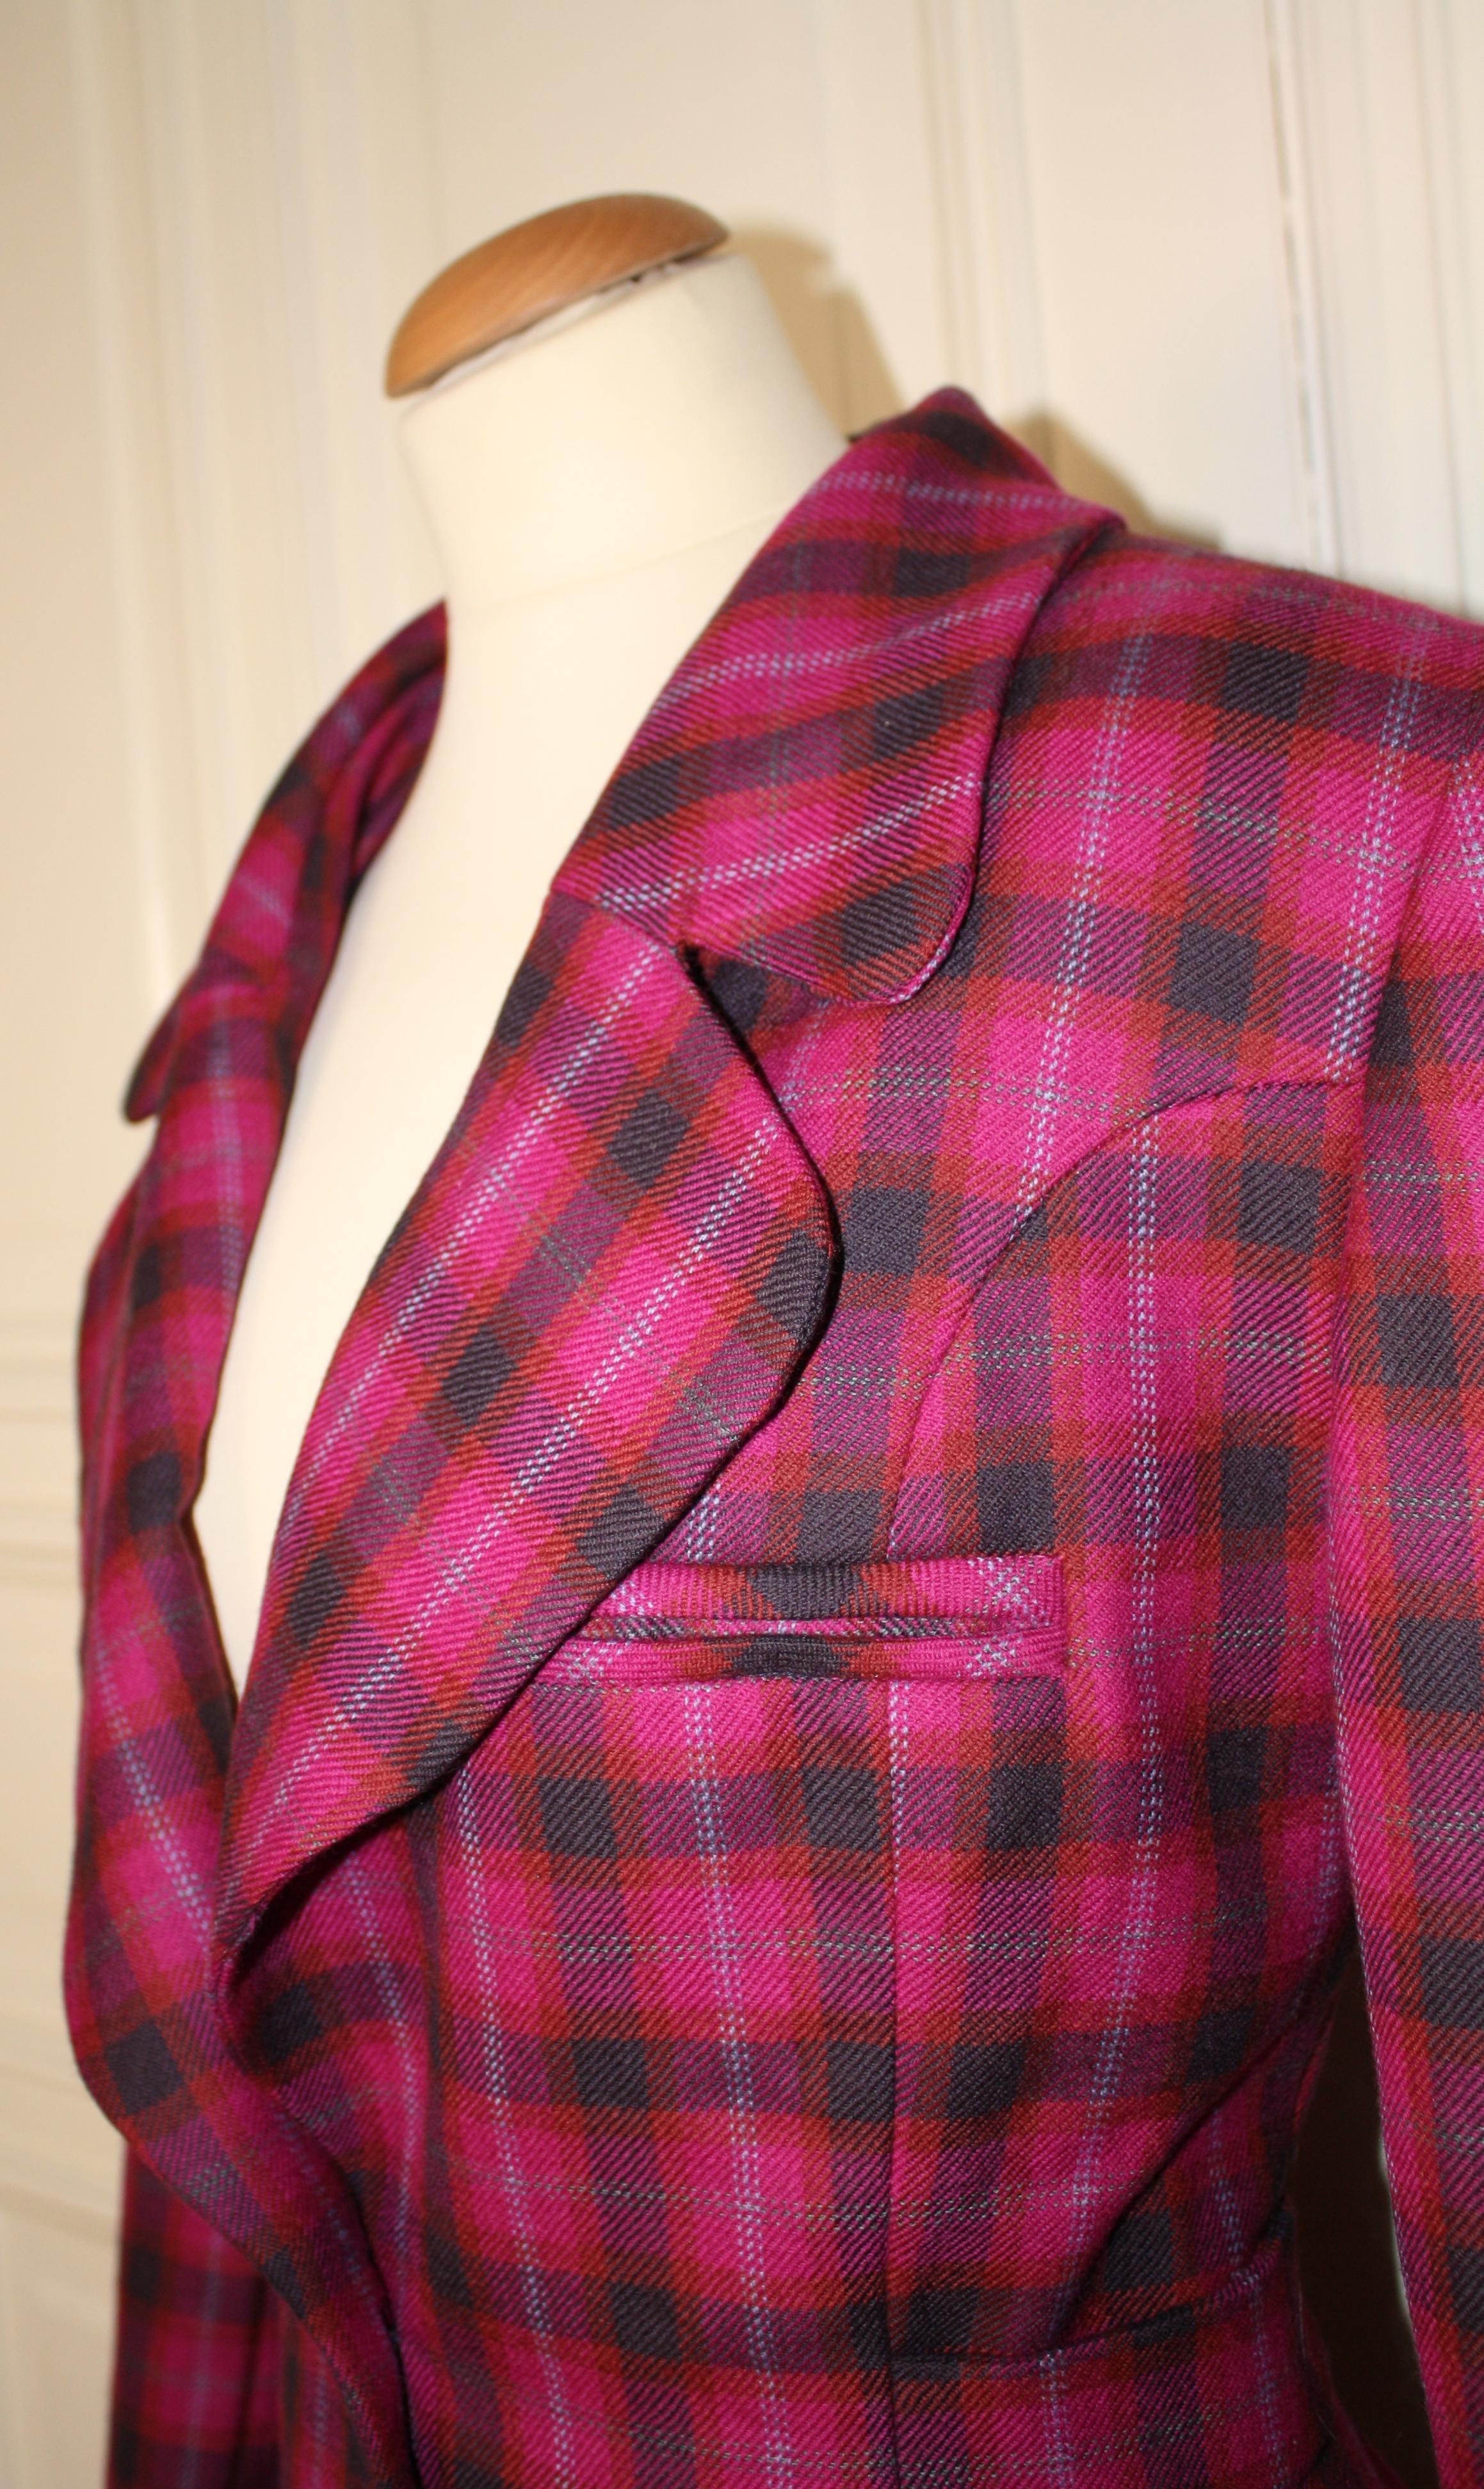 fashion design pink tweed